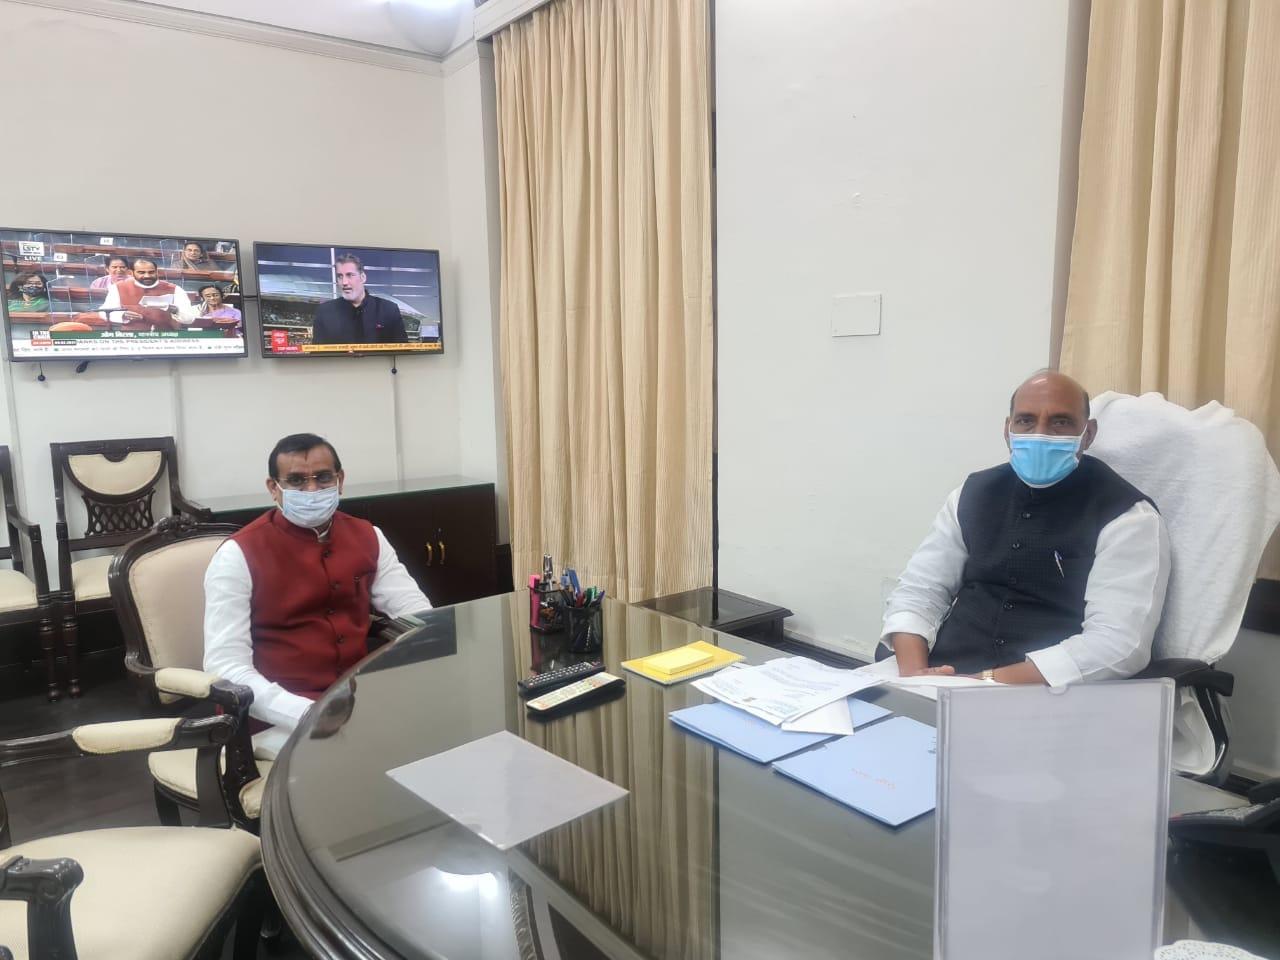 केंद्रीय रक्षा मंत्री श्री राजनाथ सिंह जी से मुलाकात..